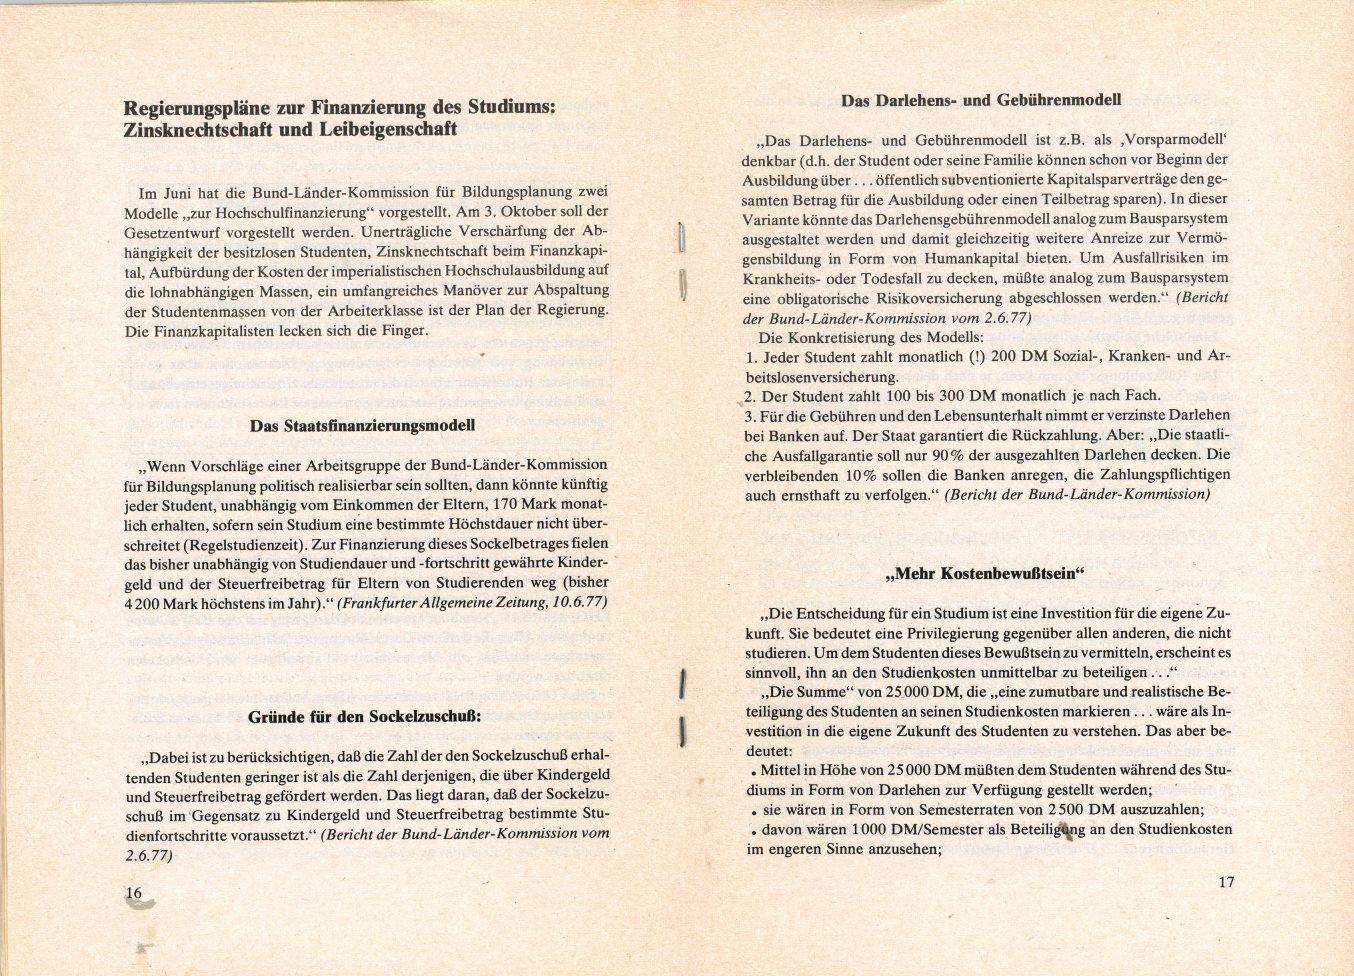 VDS_KBW_1977_MV_in_Giessen_09